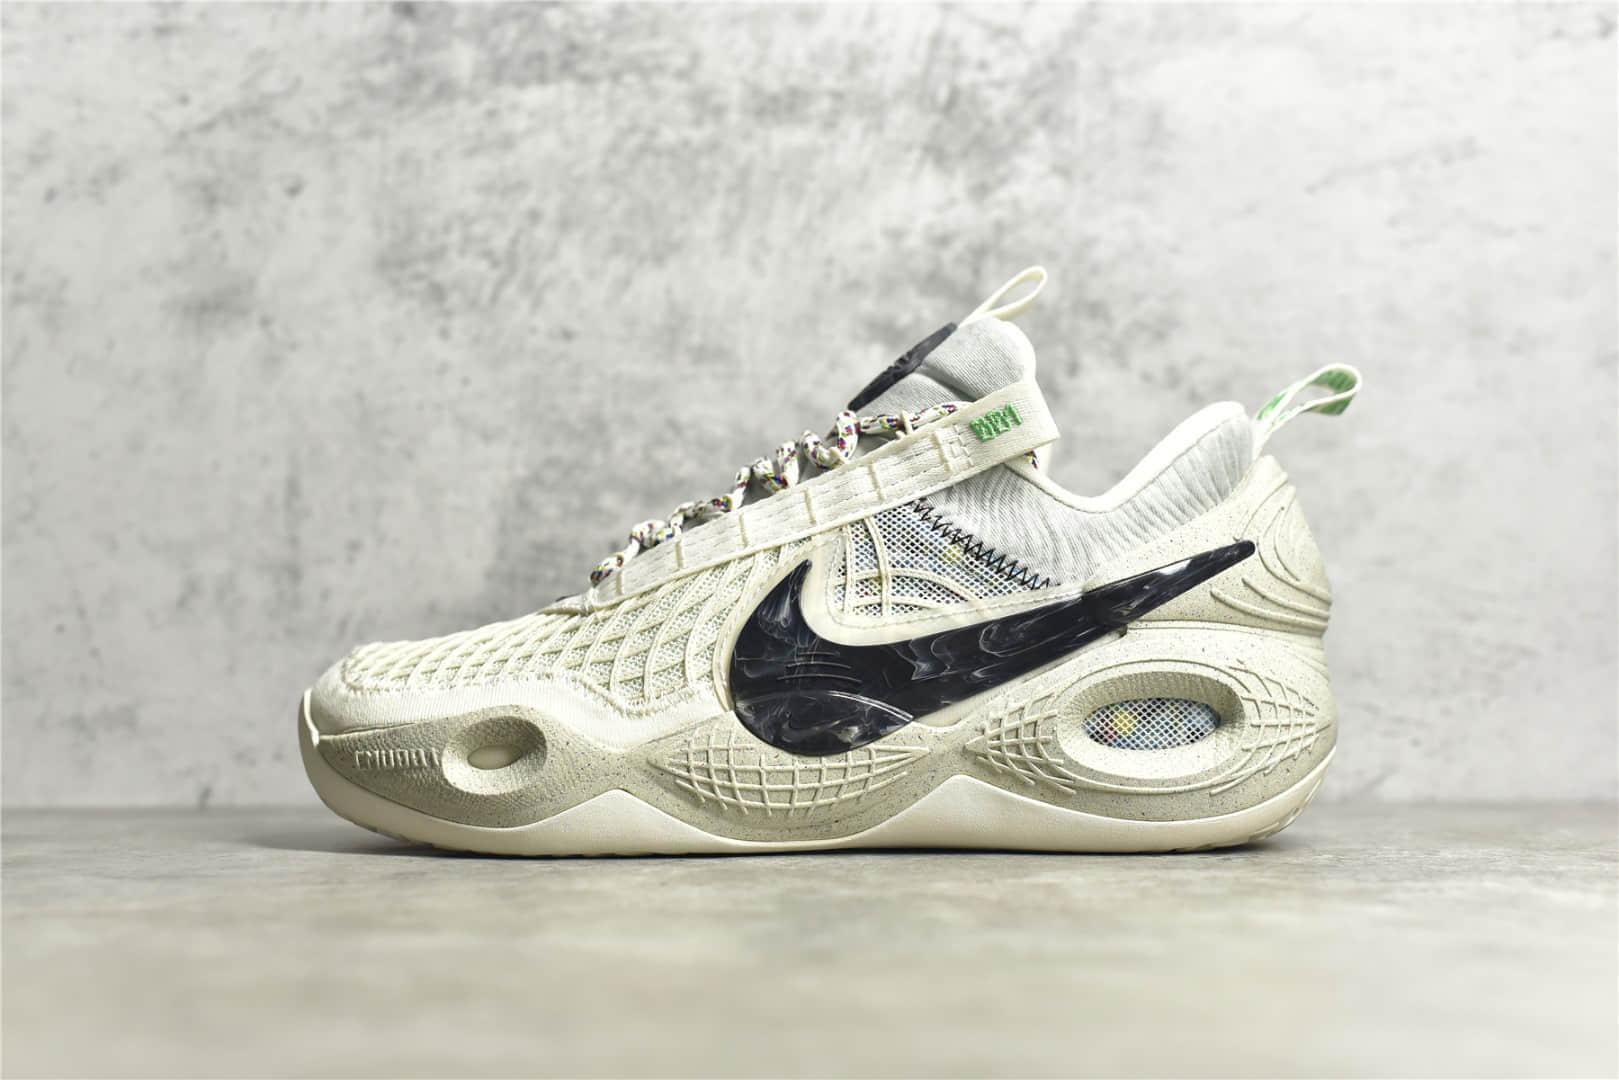 耐克环保配色中性实战篮球鞋 Nike Cosmic Unity EP 耐克白色实战篮球鞋 货号:DD2737-002-潮流者之家